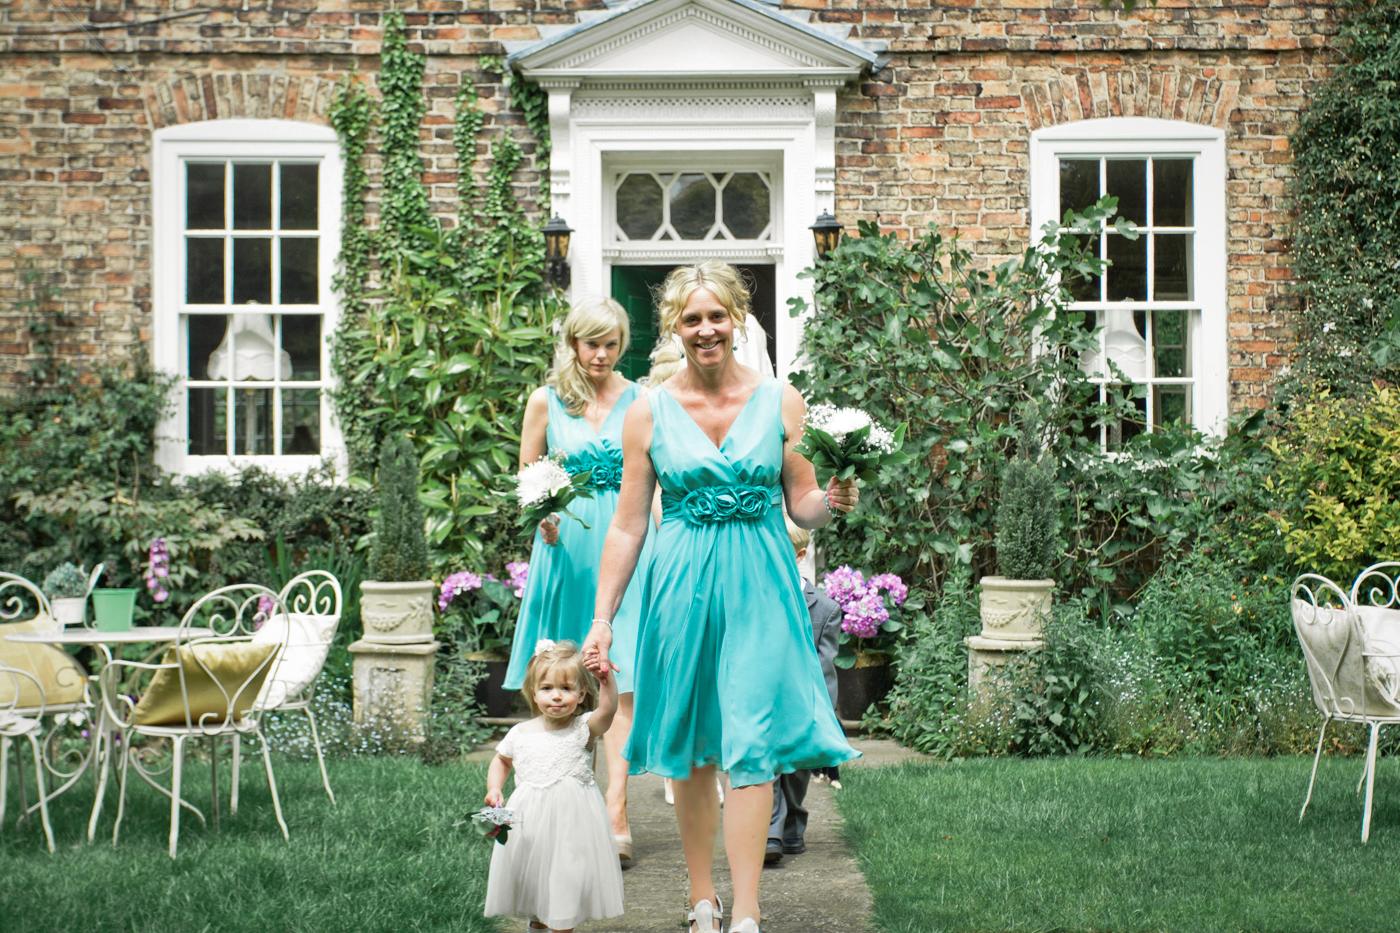 103 Keedy and Carl at The Secret Garden in Retford  - Wedding Photography by Mark Pugh www.markpugh.com_.jpg